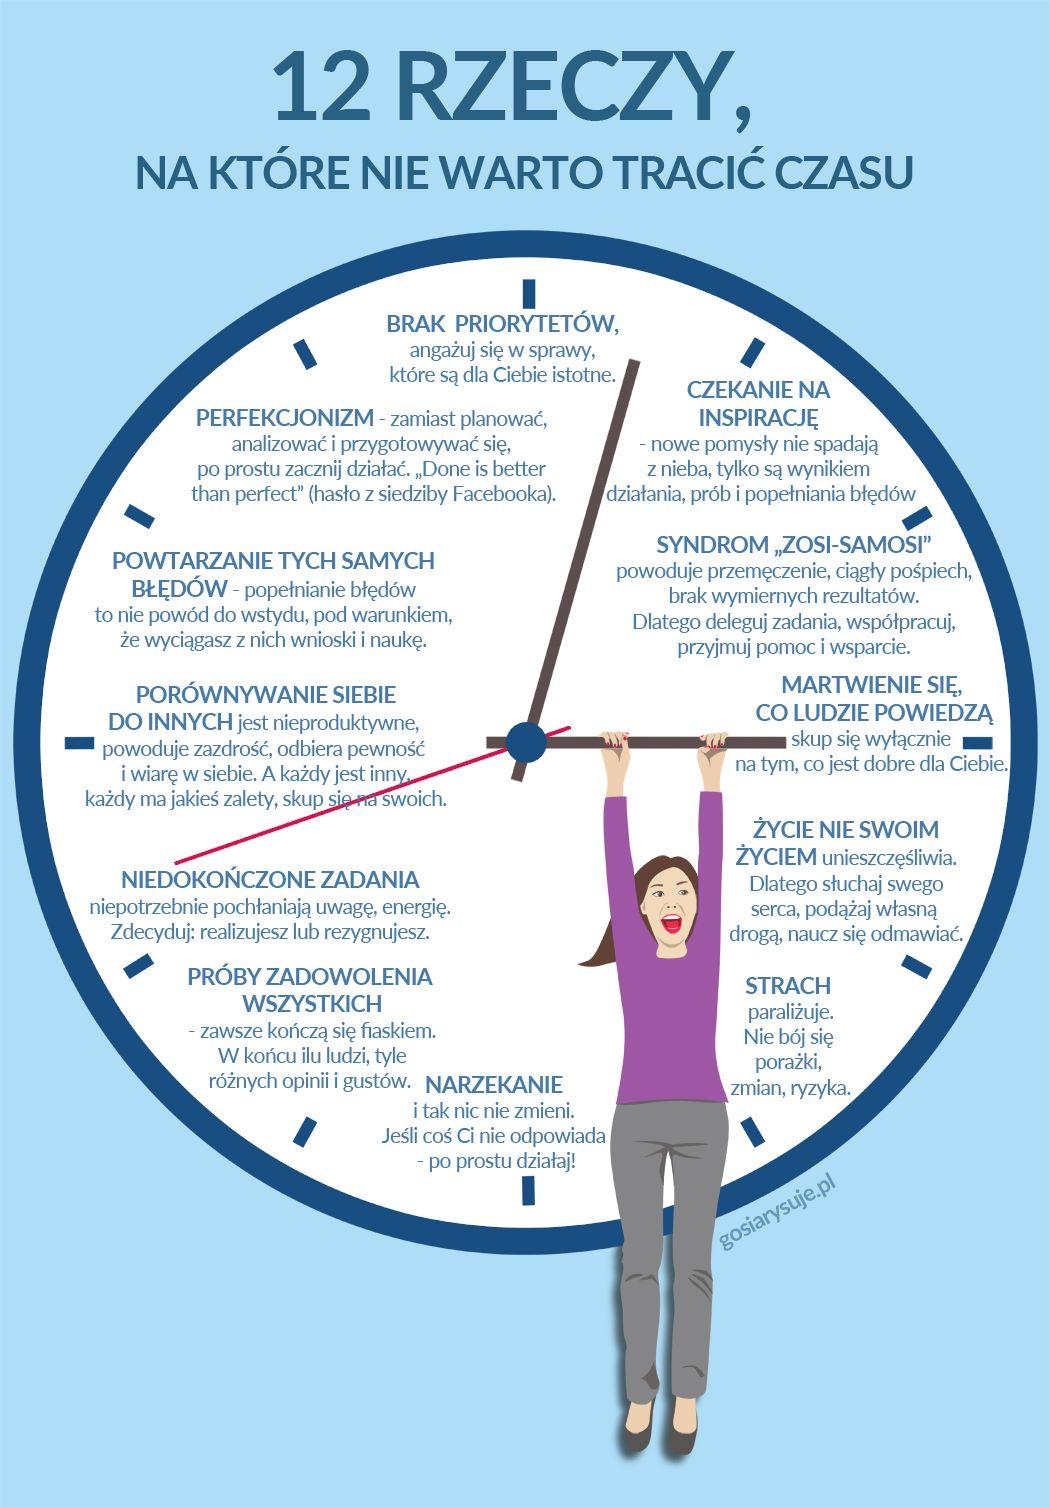 Czas – jeden z naszych najcenniejszych zasobów. Nic dziwnego, że zastanawiamy się i uczymy w ramach rozwoju osobistego, jak go najefektywniej wykorzystać. Niestety, czas tracić możemy na wiele różnych sposobów....